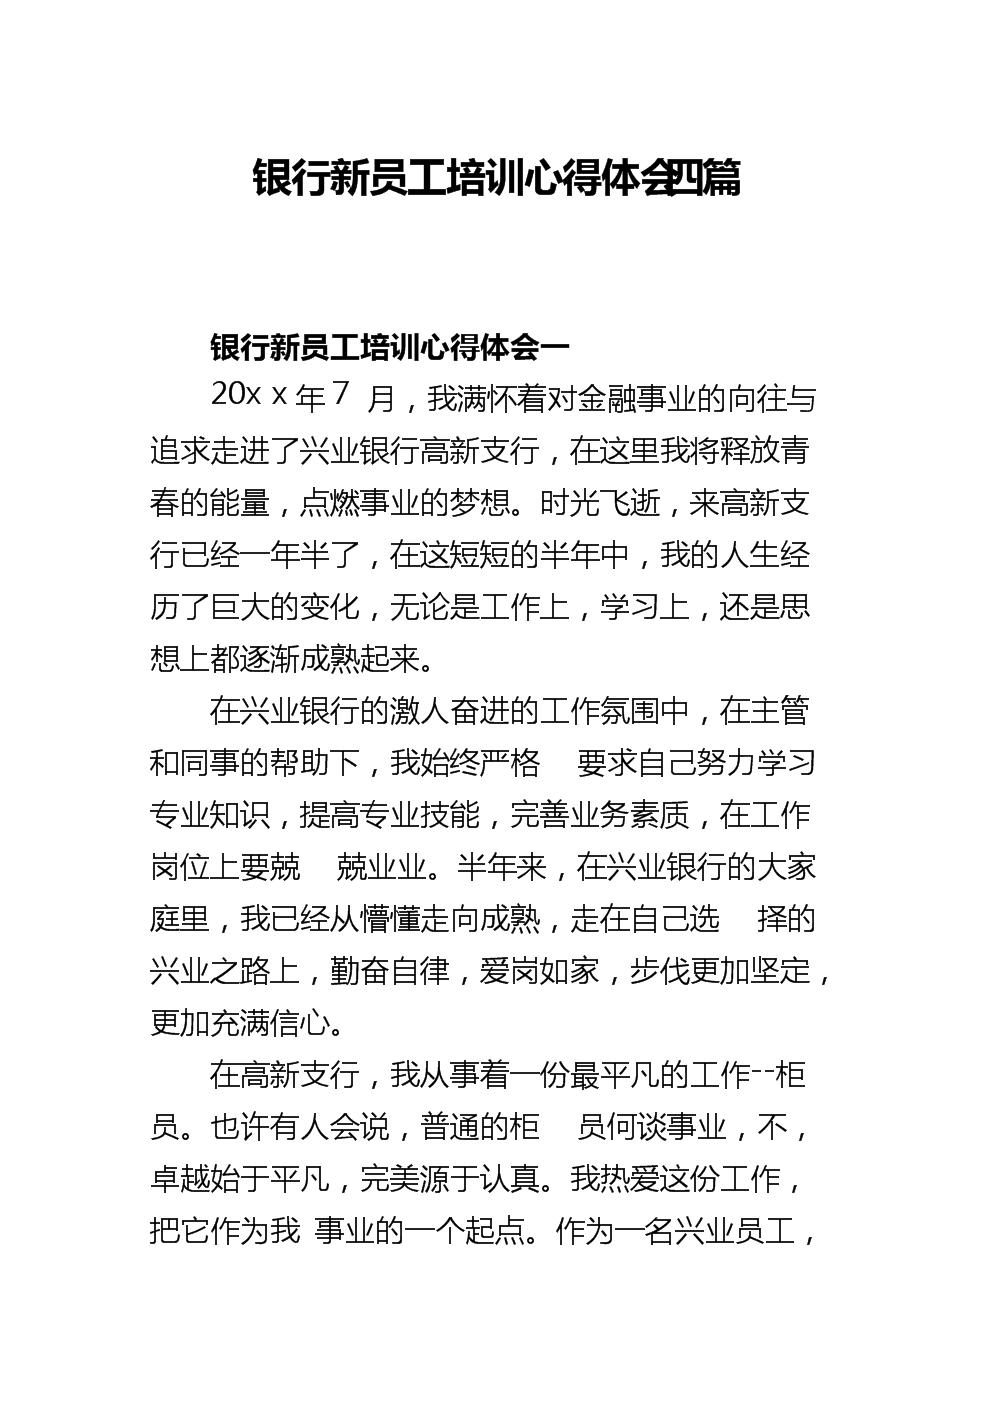 银行新员工培训心得体会四篇.docx